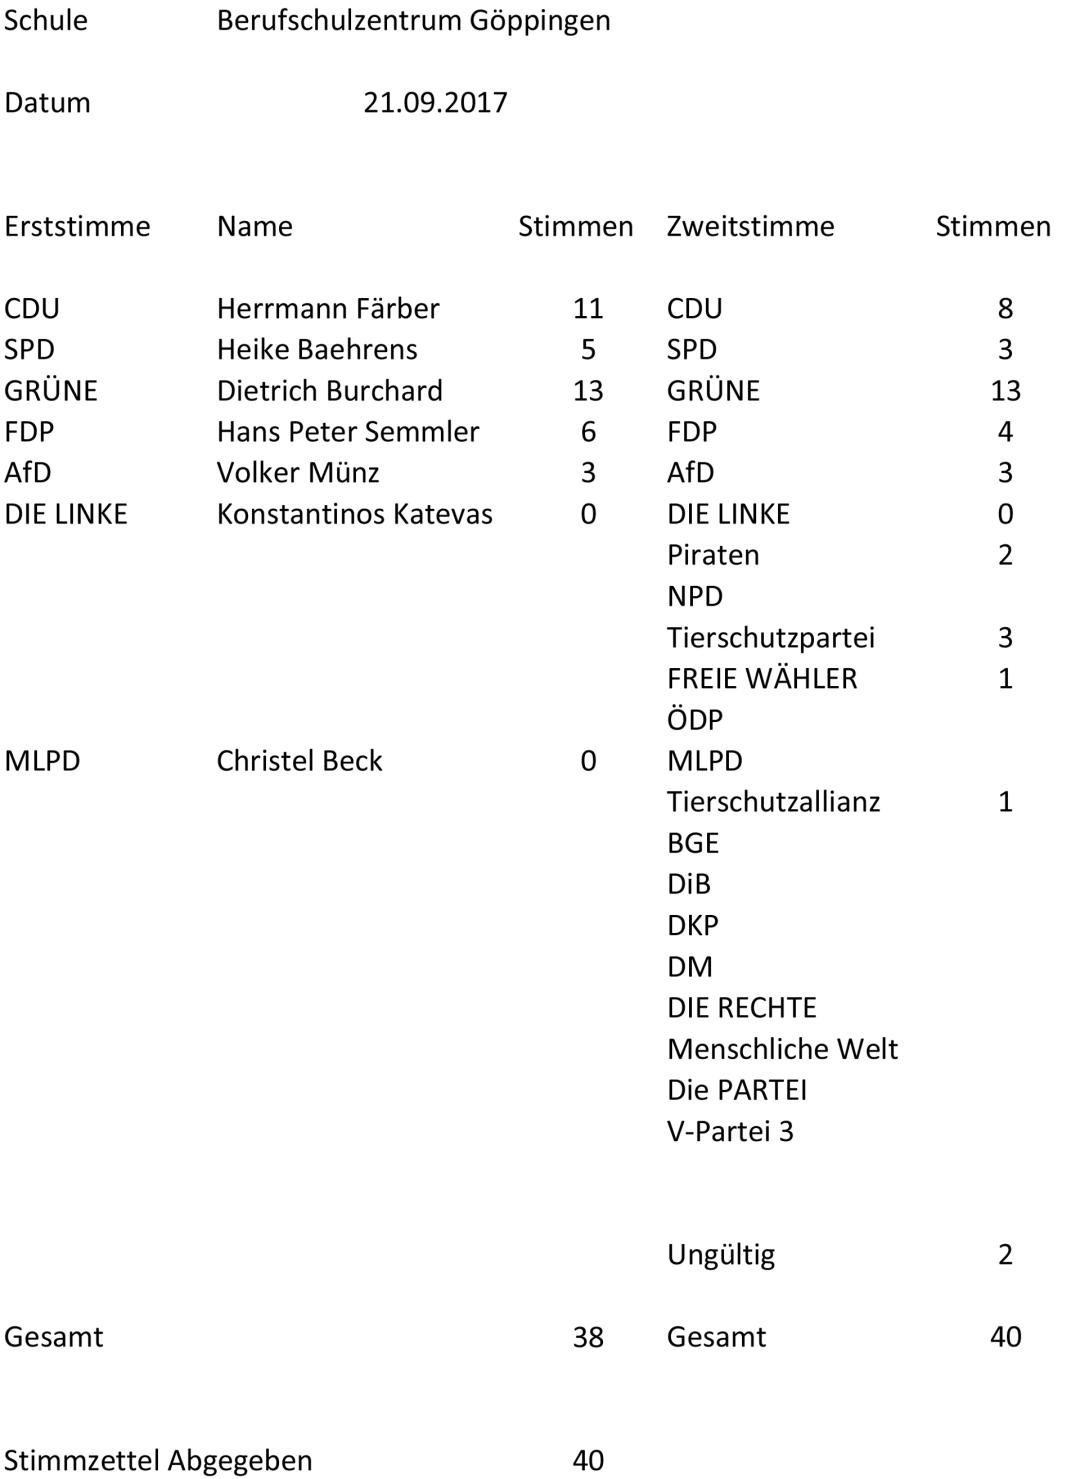 Auszählung_Berufschulzentrum-Göppingen-1